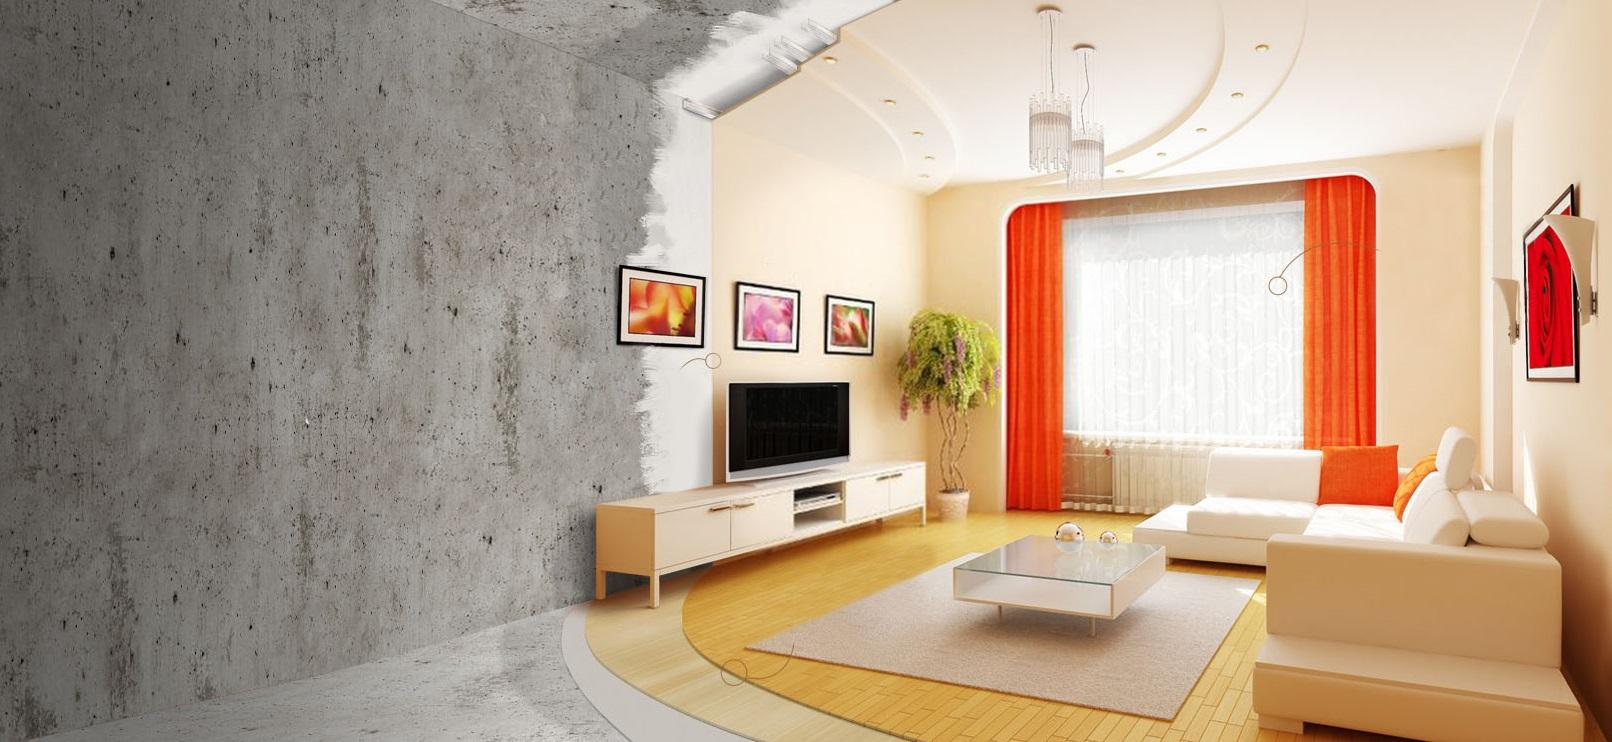 Фото ремонта квартир своими руками фото 57